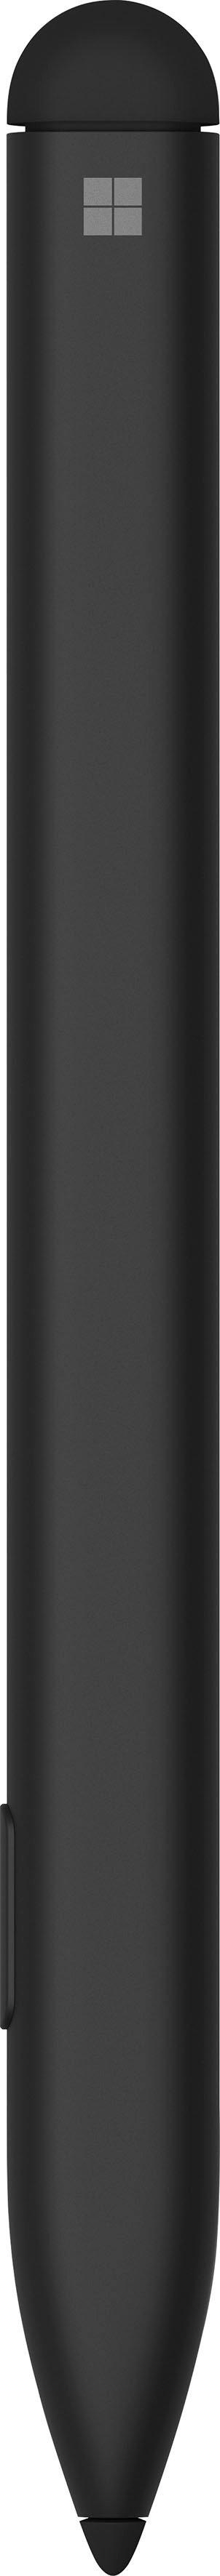 Microsoft »Surface Slim Pen« stylus online kopen op otto.nl